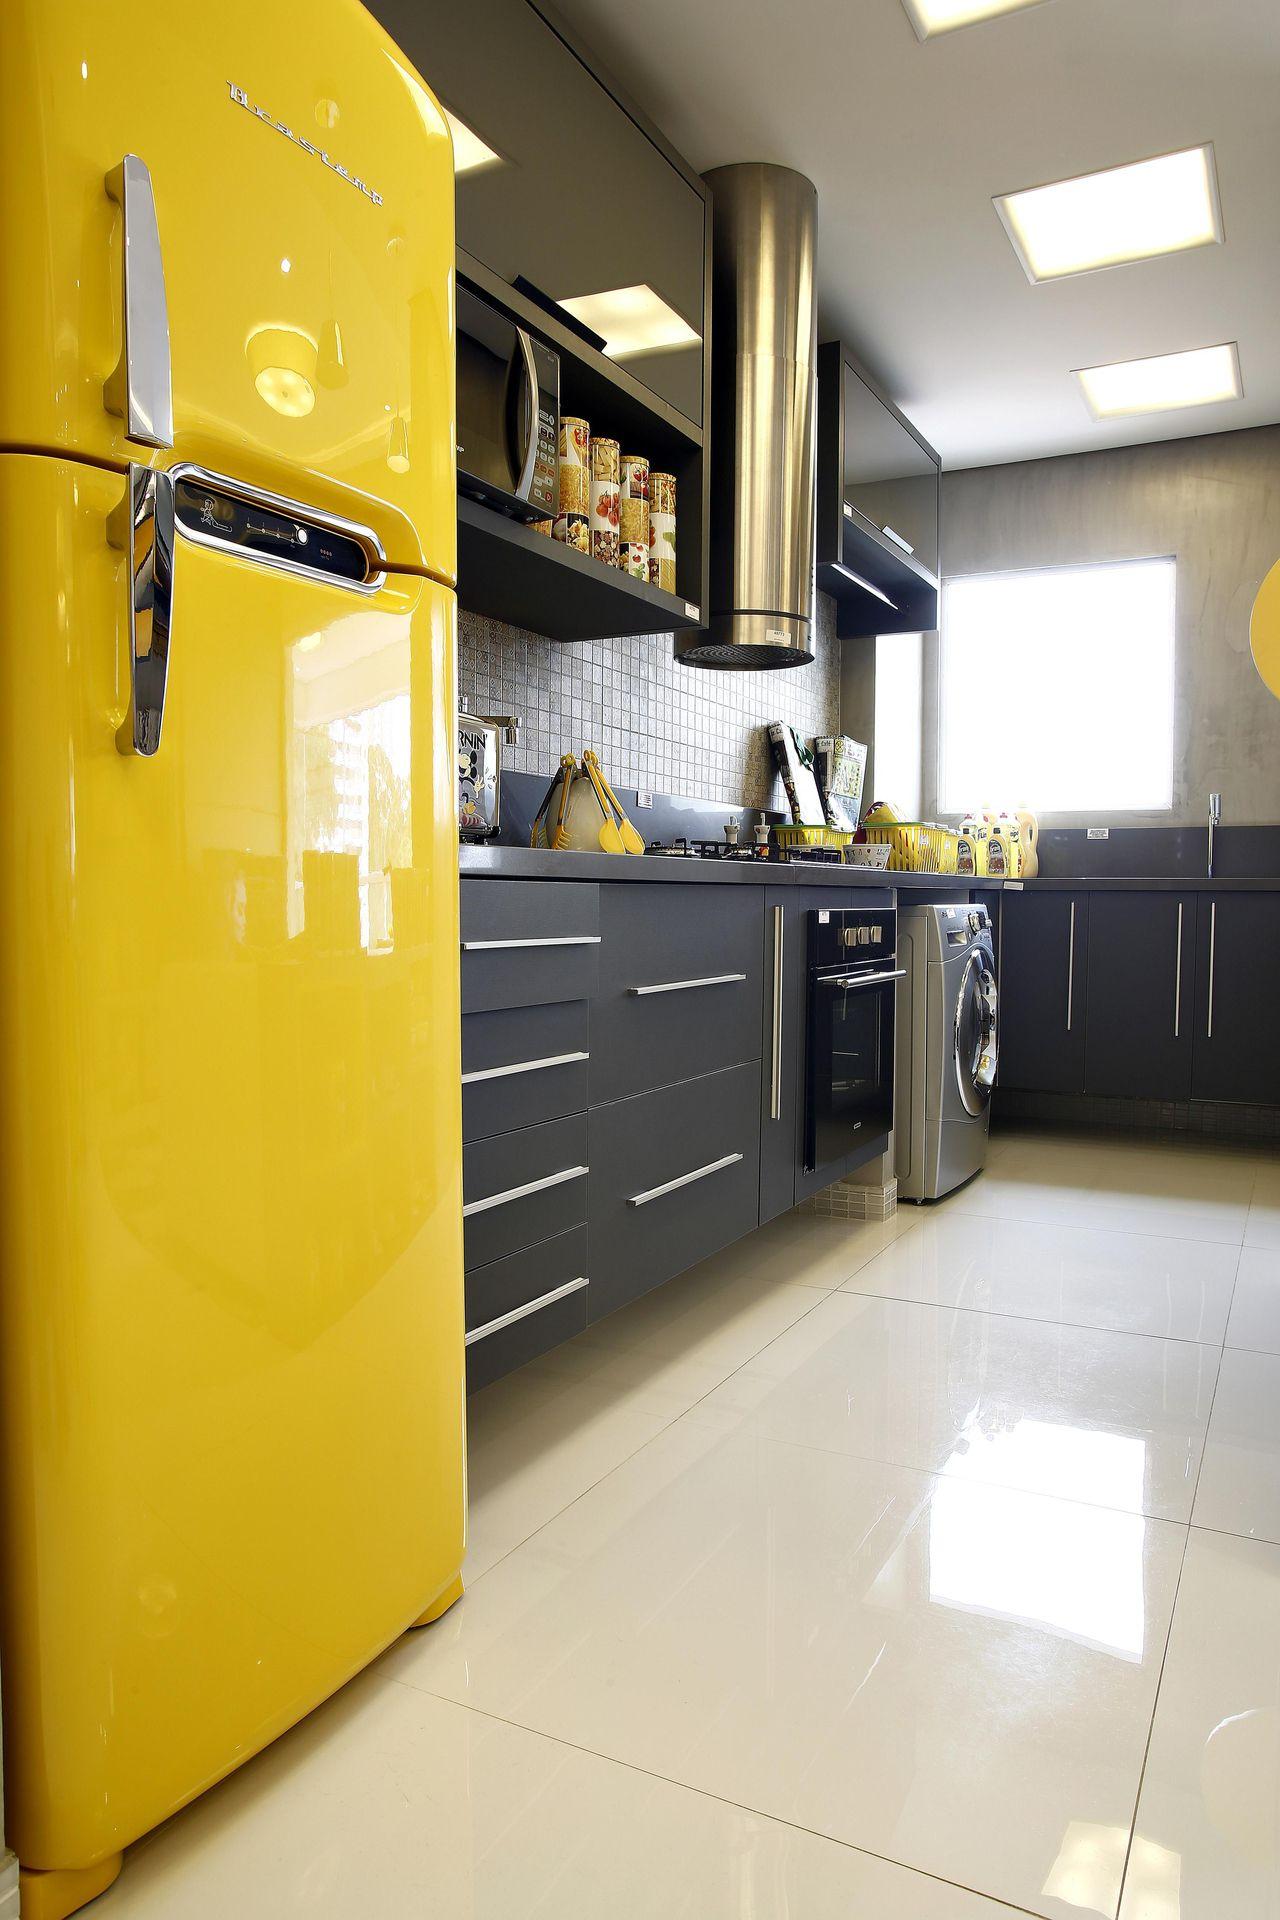 Geladeira Amarela De Marel Grupo Factory 121420 No Viva Decora